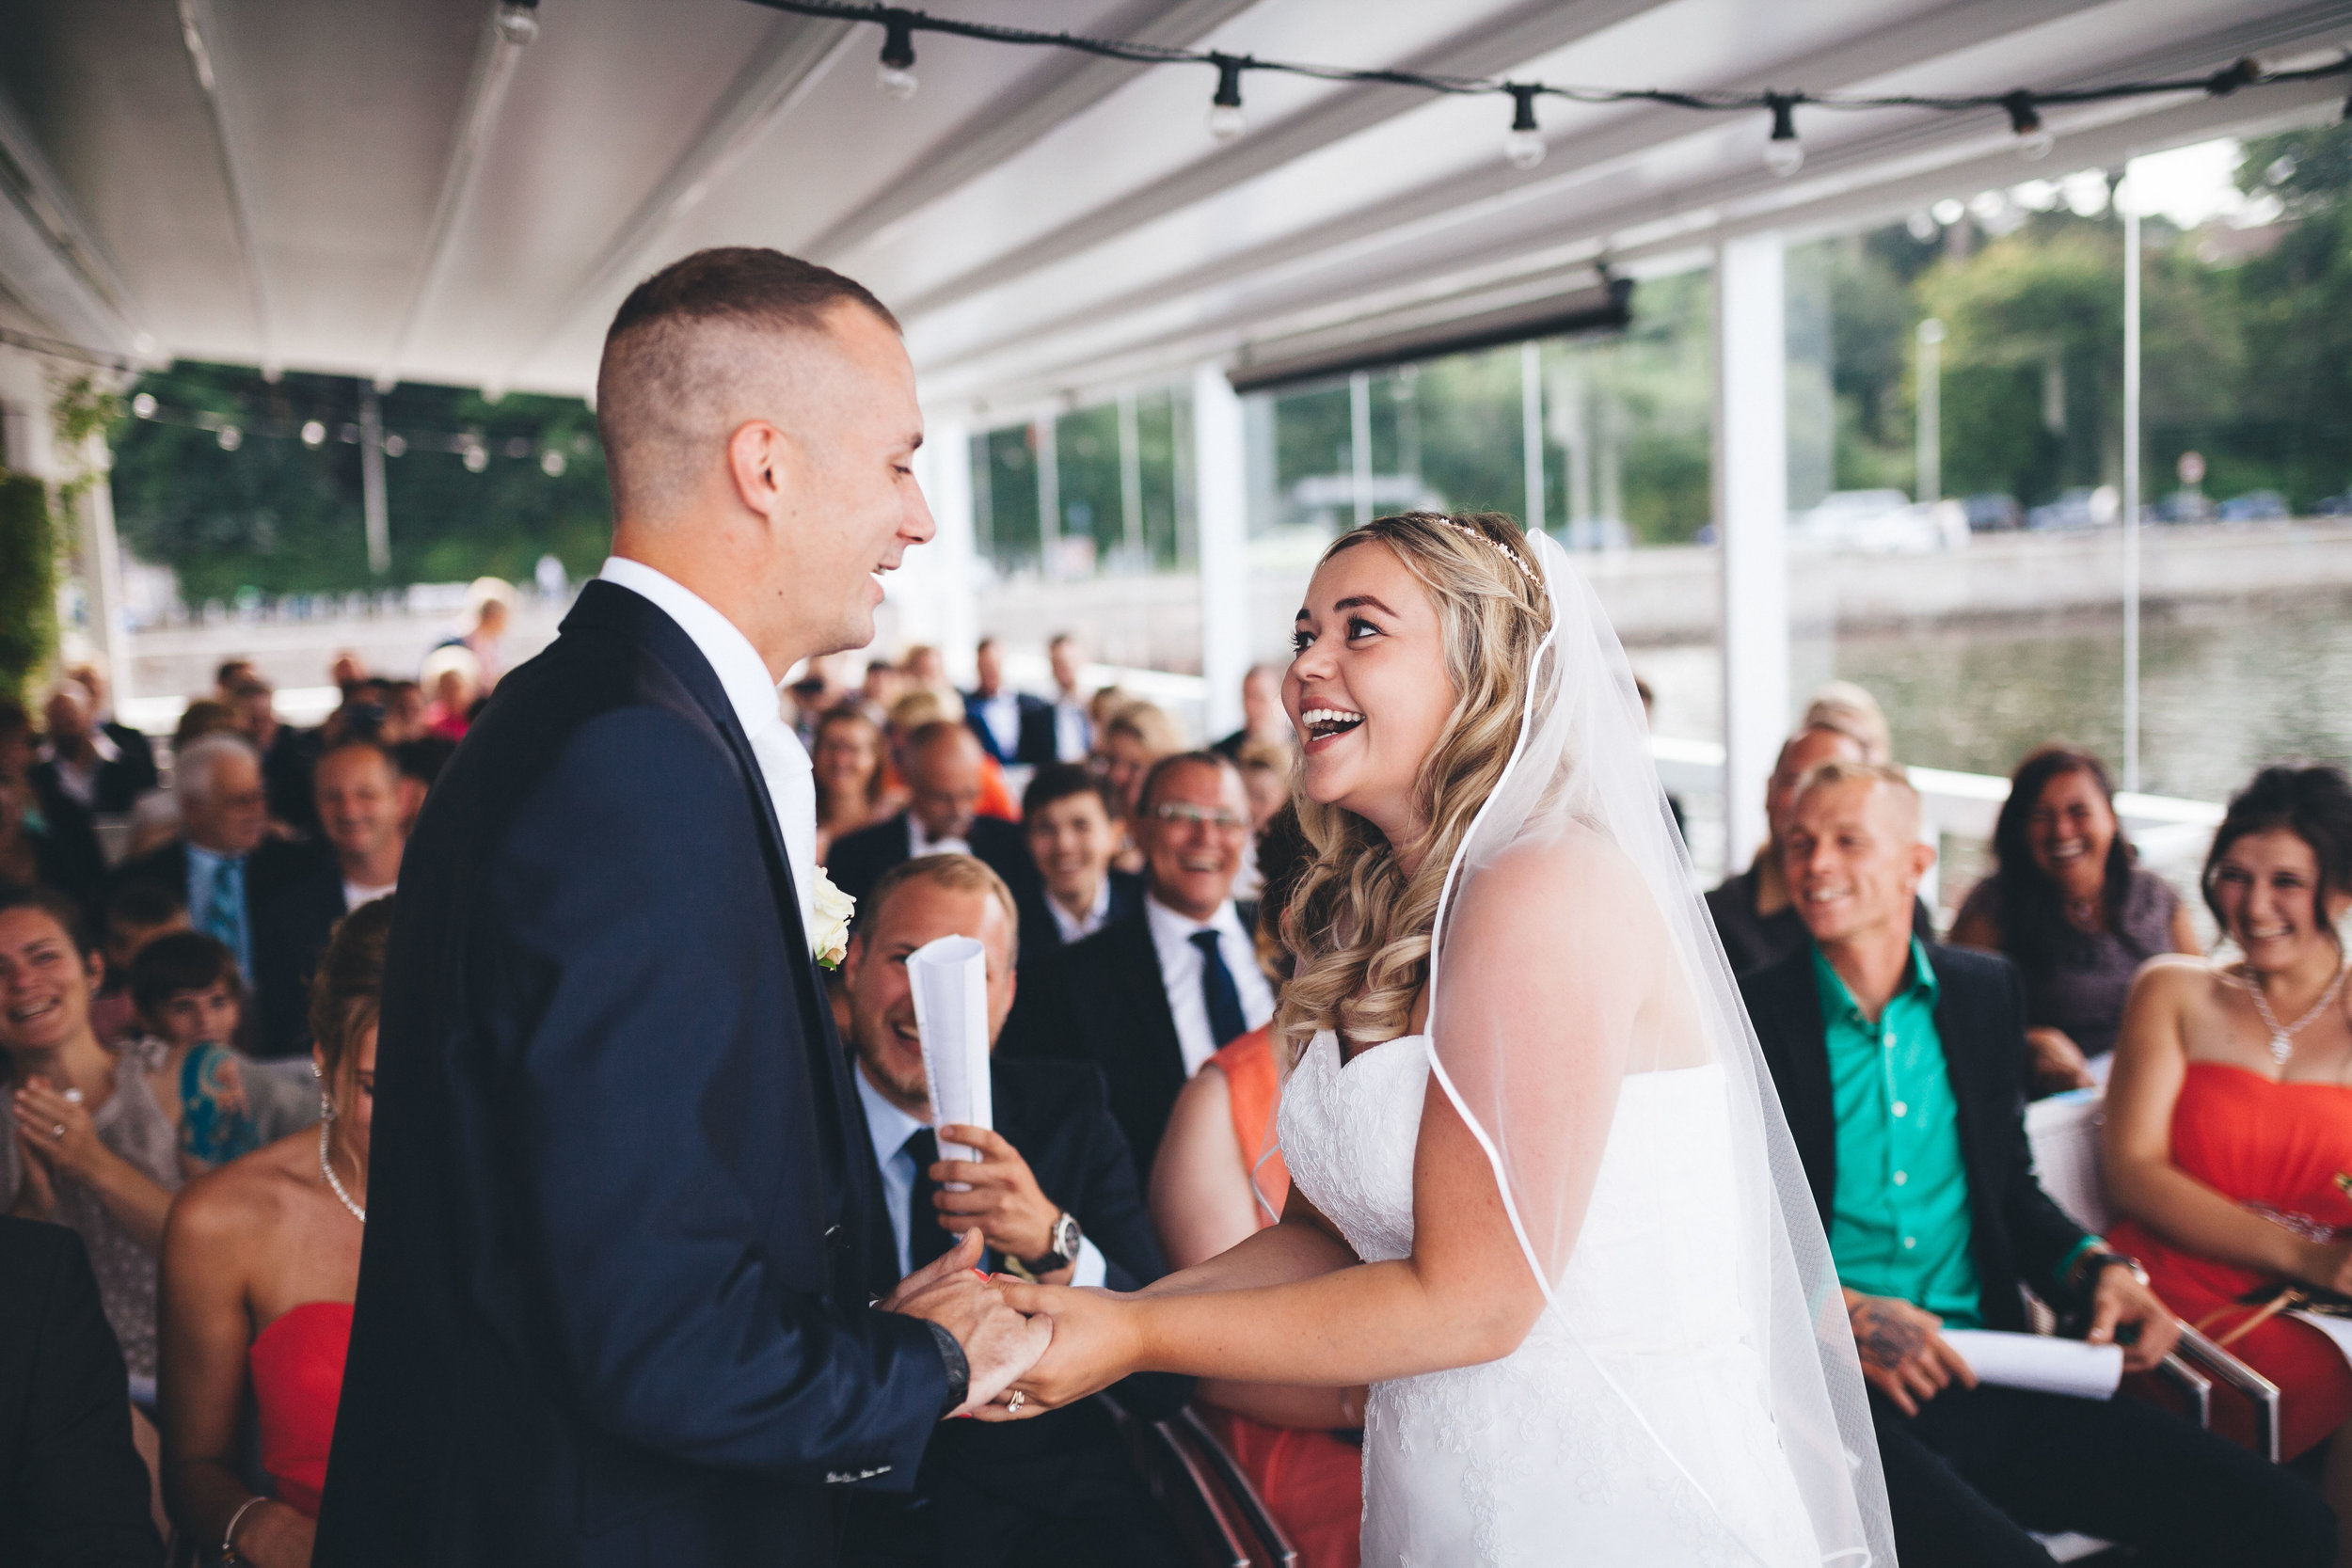 Braut und Bräutigam halten sich bei einer Hochzeit die Hände, schauen sich an und lachen. Sie sind energisch. Im Hintergrund sieht man die Hochzeitsgäste in der Seebar Kiel.